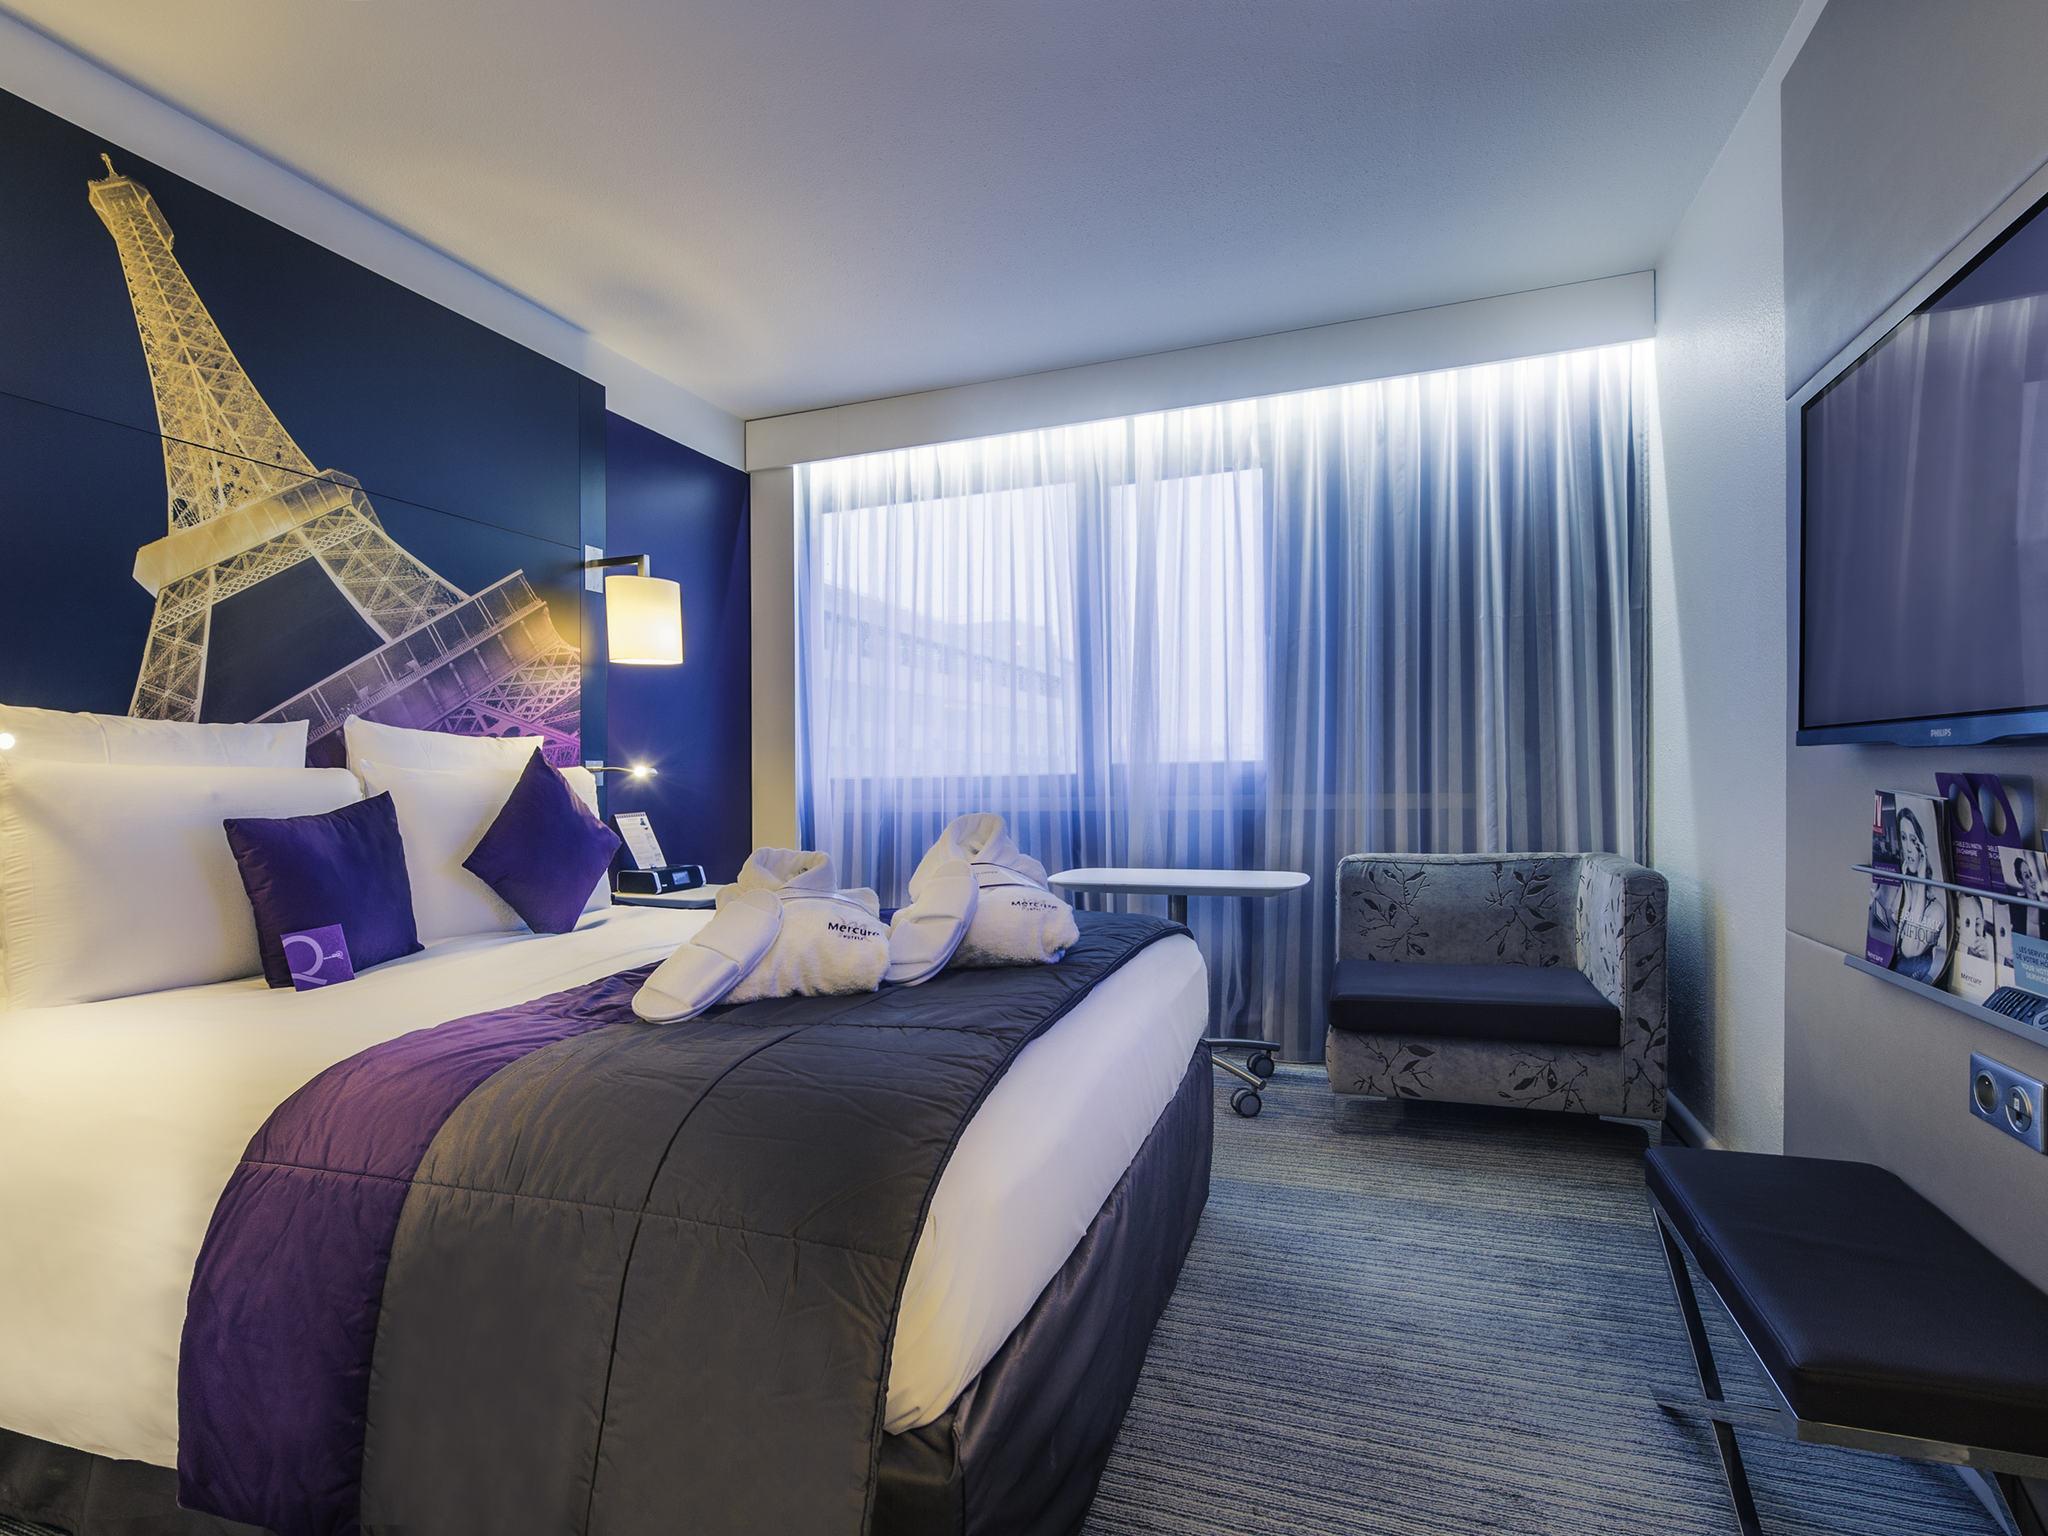 Hotel – Hotel Mercure Paris Centre Tour Eiffel